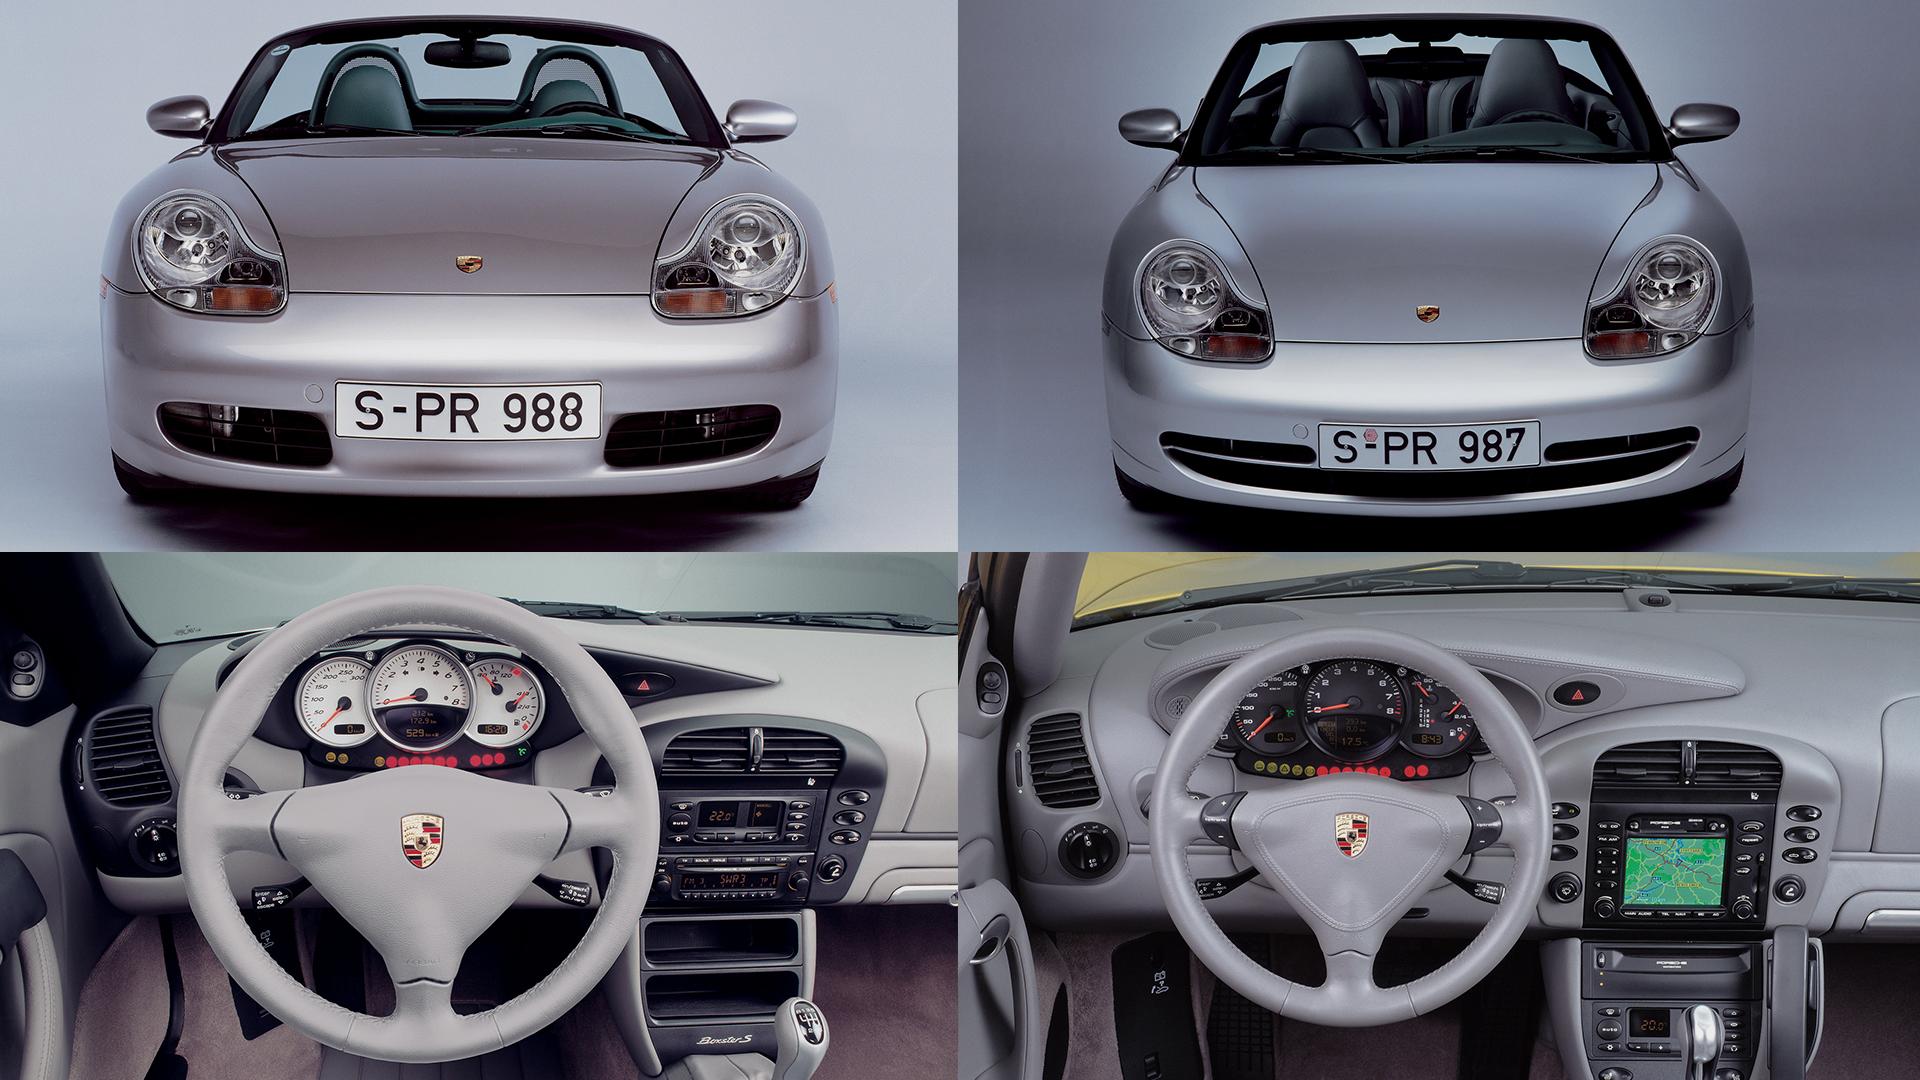 Из-за дефицита у компании свободных средств Boxster (слева) и 911 (справа) в конце девяностых были унифицированы настолько, насколько это вообще возможно для среднемоторной и заднемоторной машины